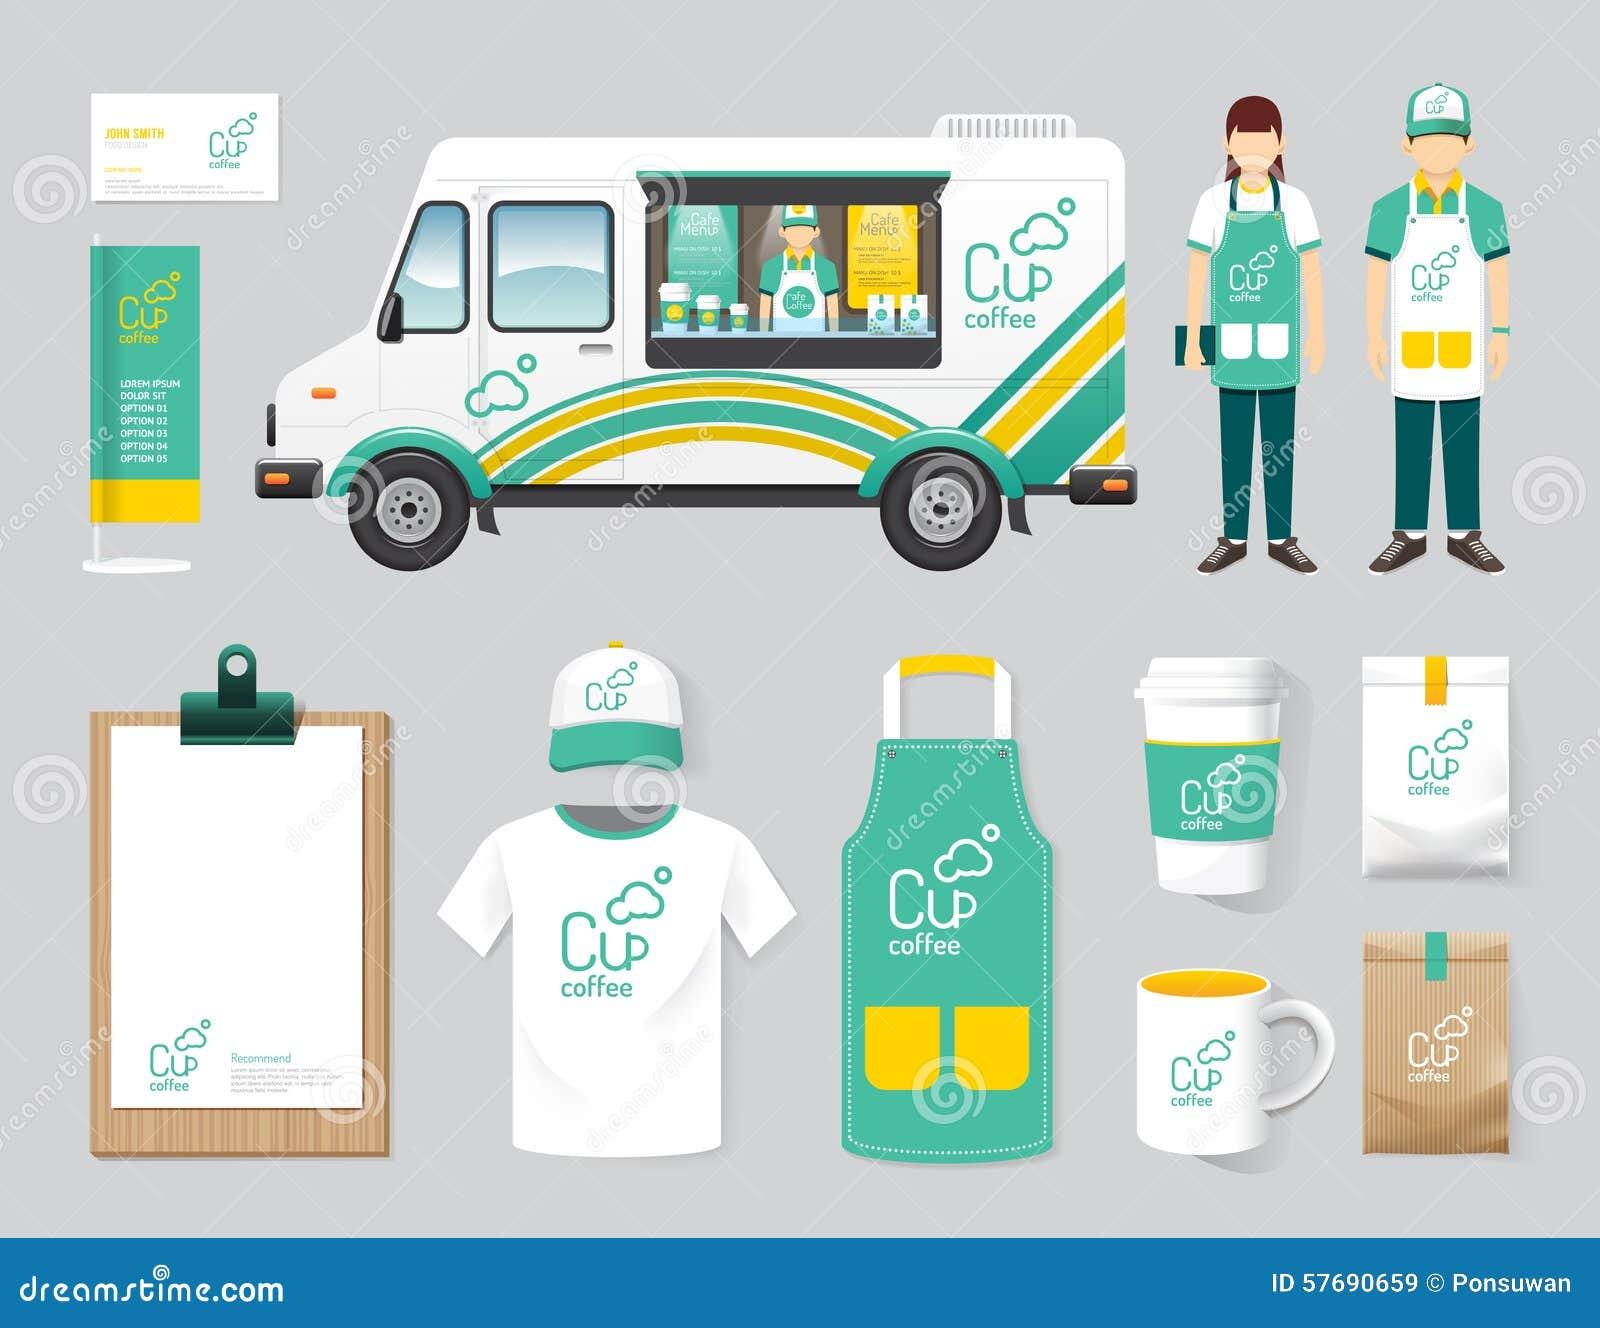 Vector restaurant cafe design set street food truck shop for Food truck menu design